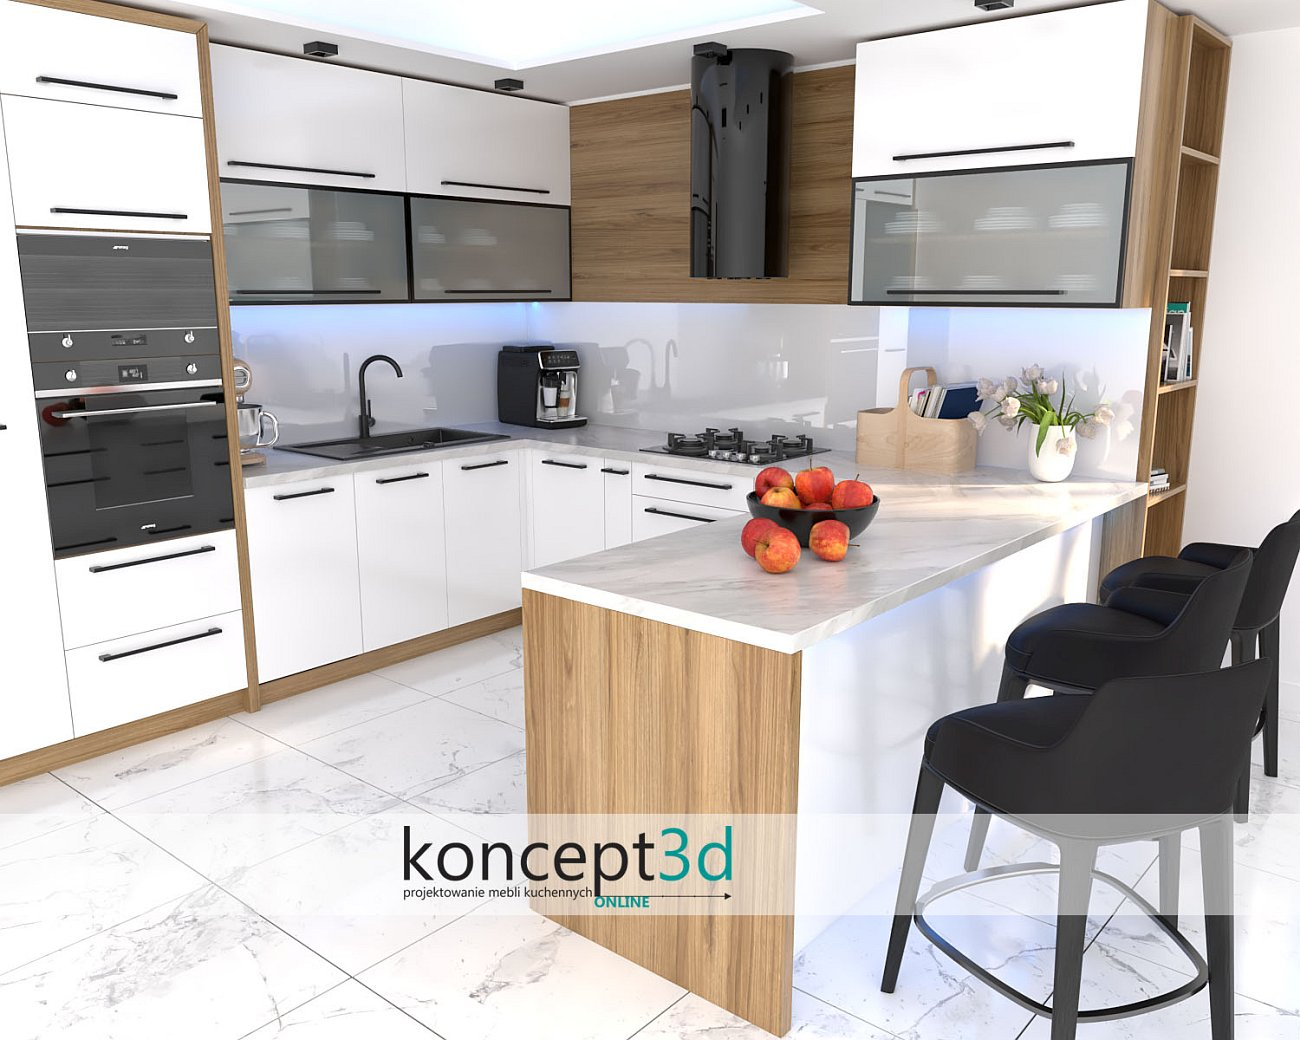 Inspiracja biała kuchnia z blatem K023 Venato   Kraków koncept3d fotorealistyczne wizualizacje wnętrz